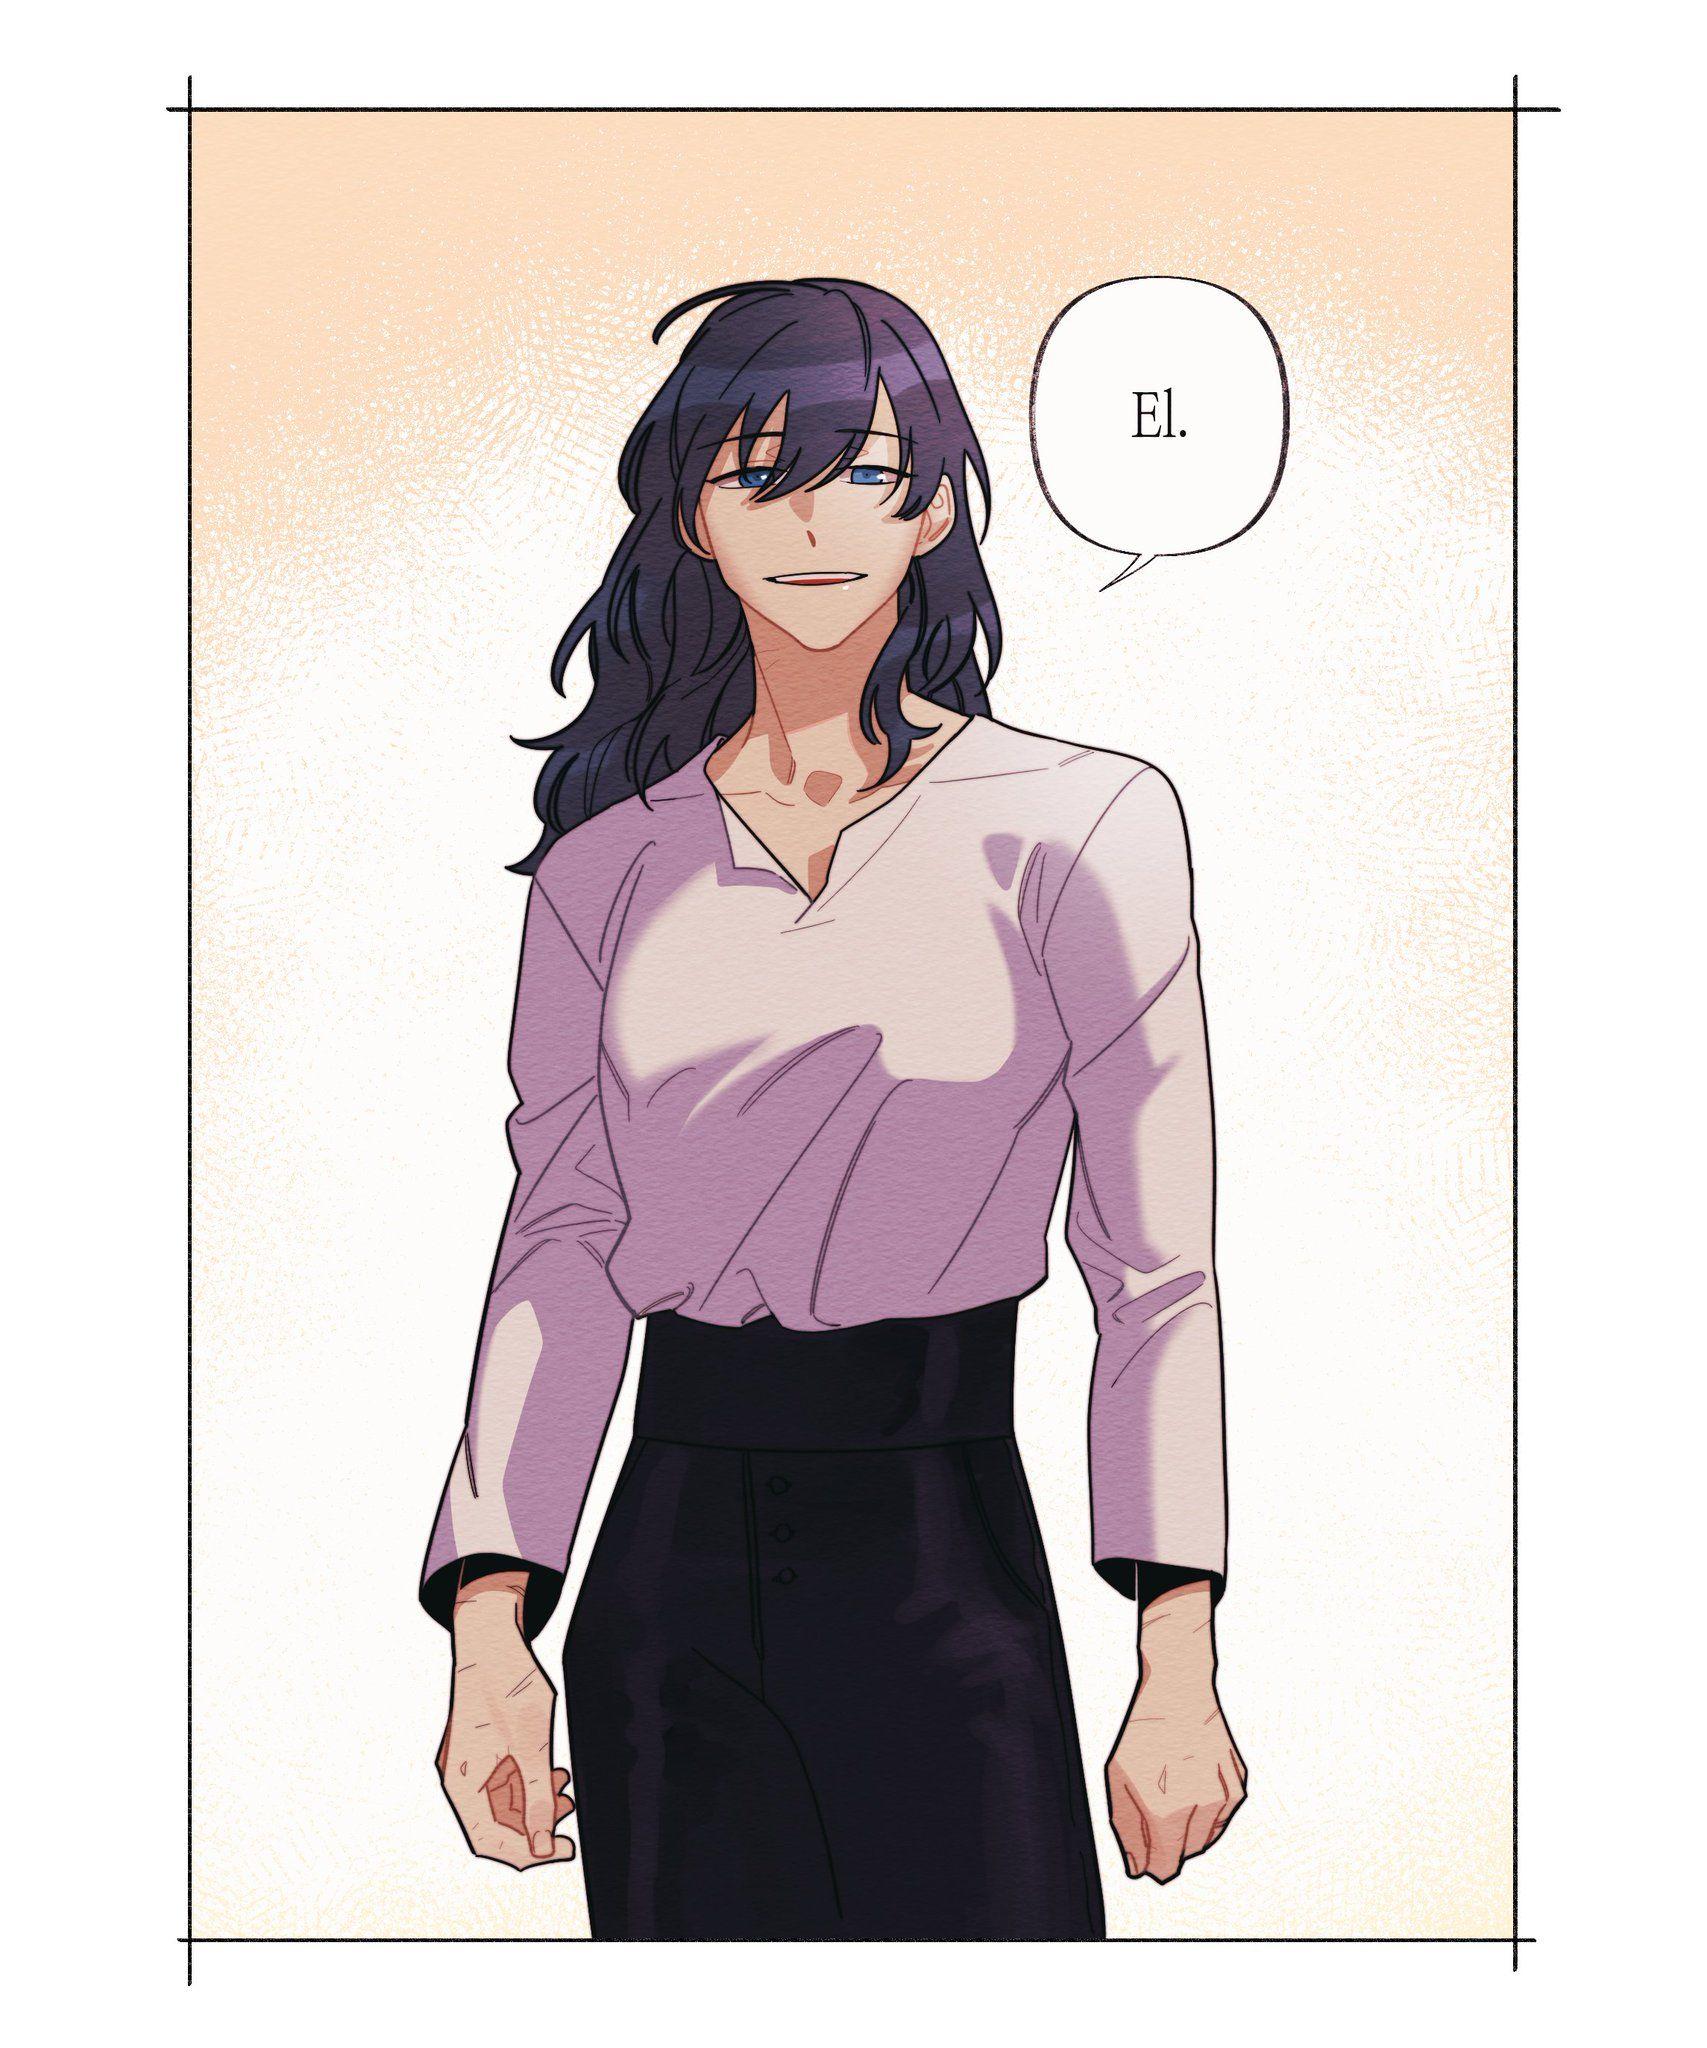 주뇩🎗😷 on in 2020 Yuri game, Fire emblem, Anime